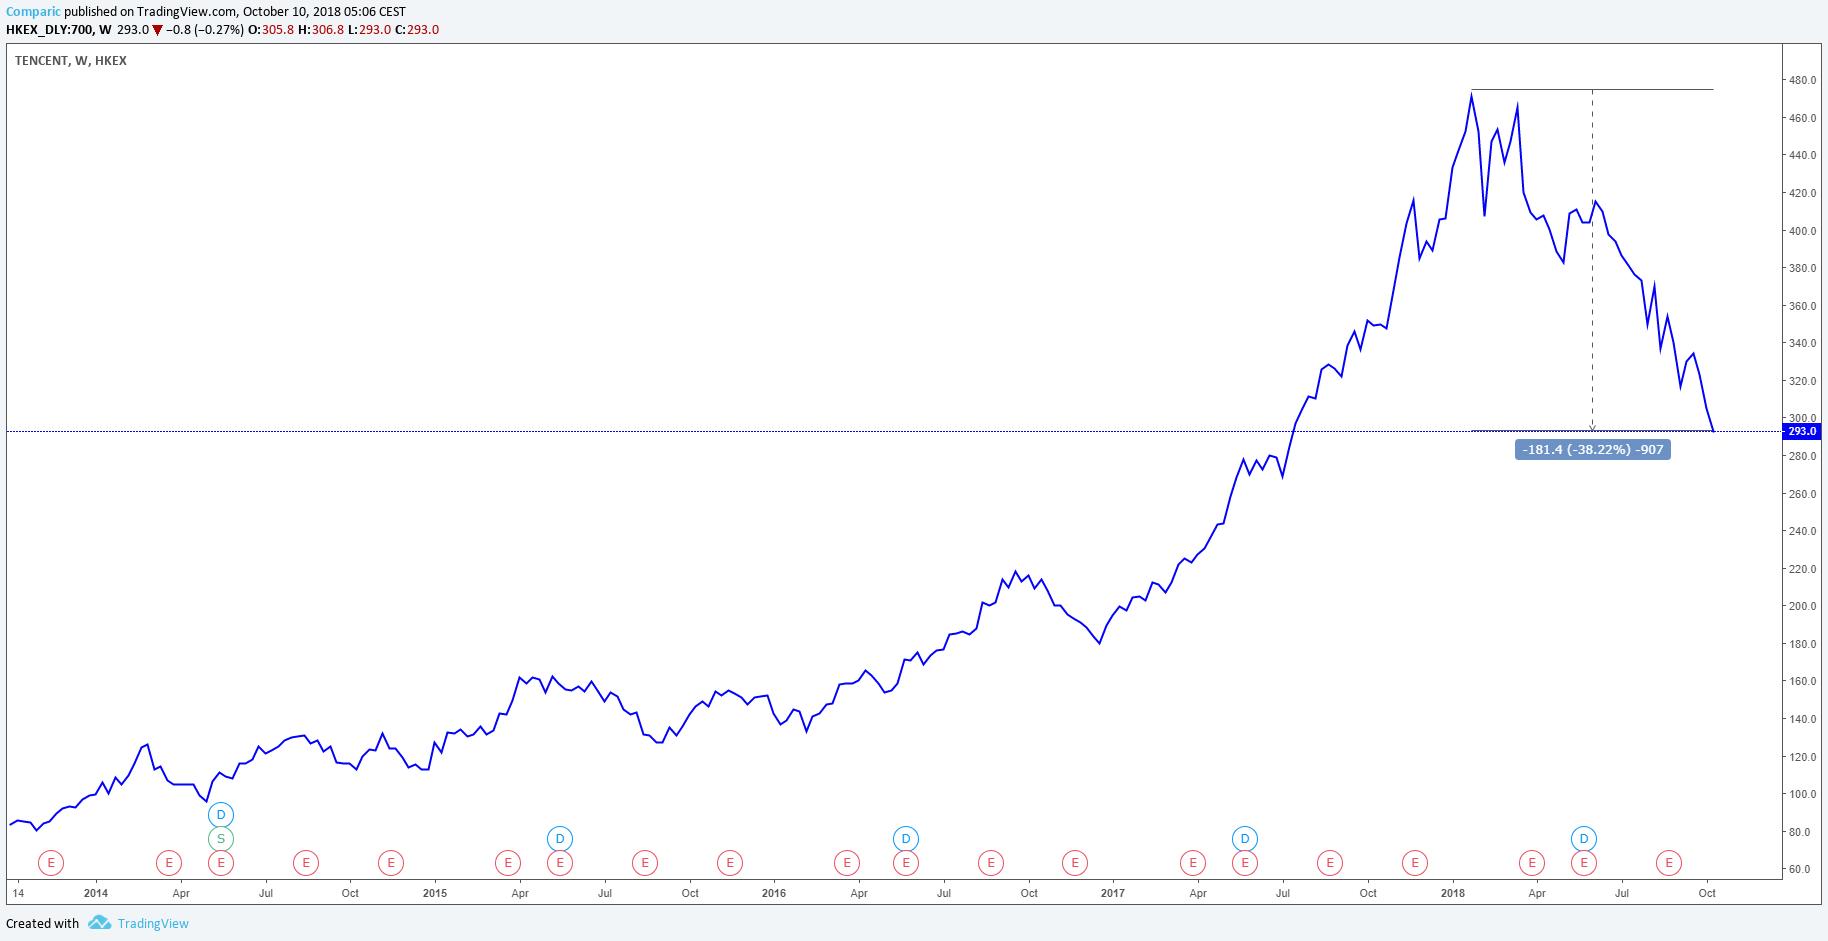 wykres pięcioletni akcji Tencent 10.10.2018